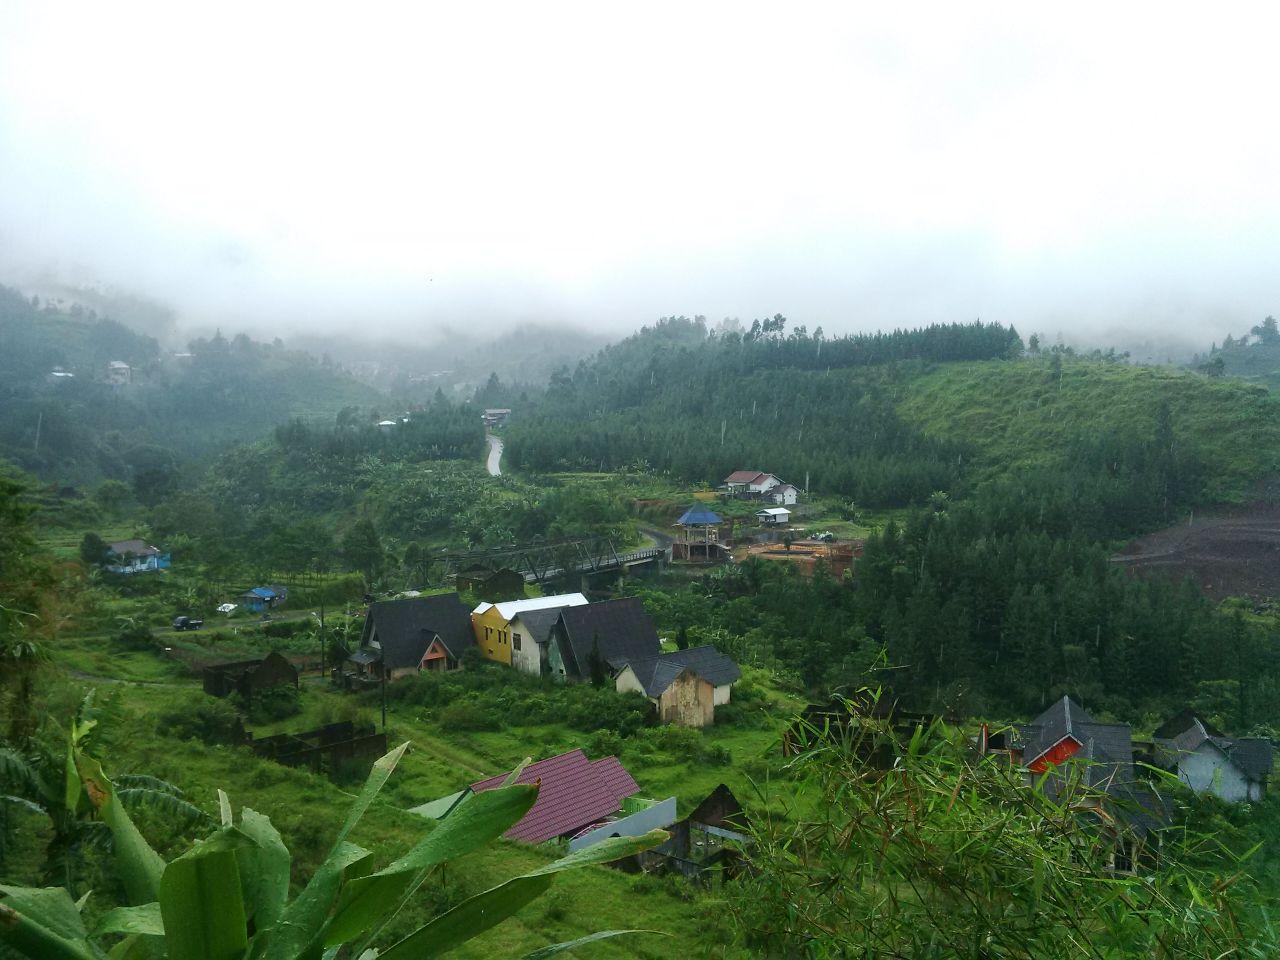 Guci Indah Objek Wisata Pemandian Di Kabupaten Tegal Jawa Tengah Vibizmedia Com